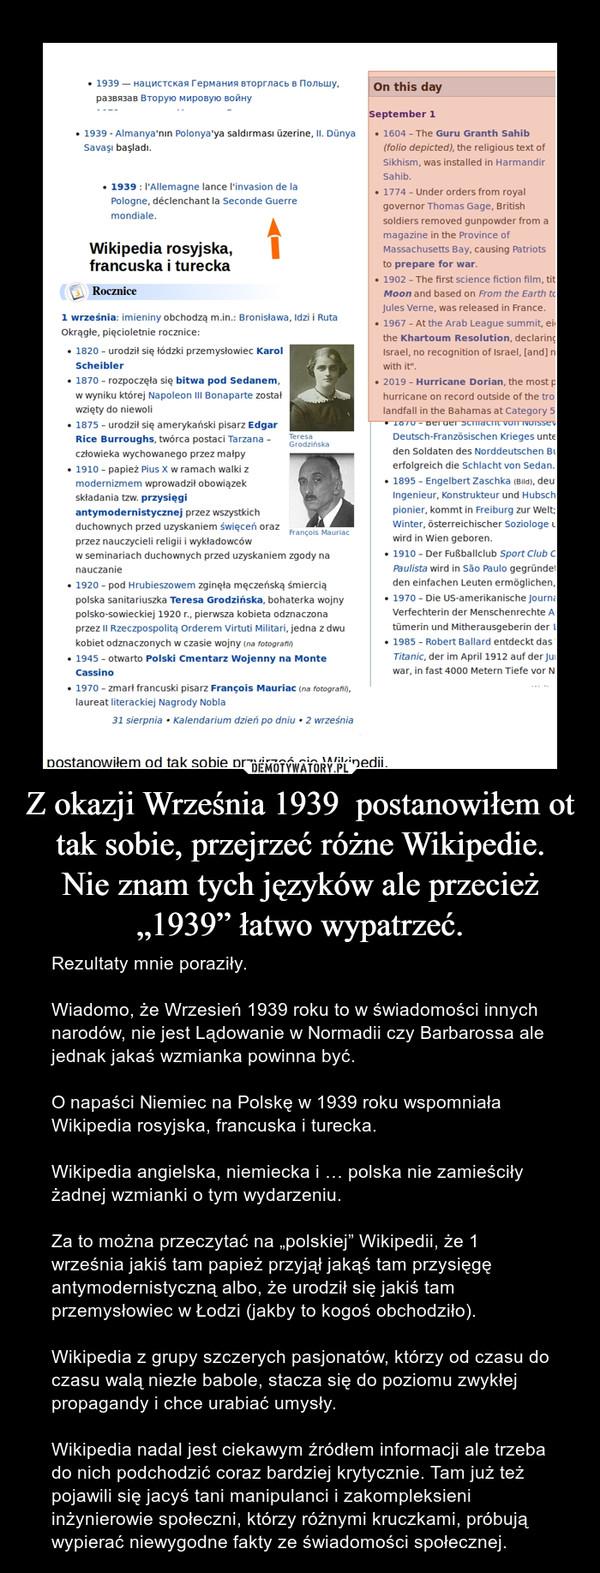 """Z okazji Września 1939  postanowiłem ot tak sobie, przejrzeć różne Wikipedie.Nie znam tych języków ale przecież """"1939"""" łatwo wypatrzeć. – Rezultaty mnie poraziły.Wiadomo, że Wrzesień 1939 roku to w świadomości innych narodów, nie jest Lądowanie w Normadii czy Barbarossa ale jednak jakaś wzmianka powinna być.O napaści Niemiec na Polskę w 1939 roku wspomniała Wikipedia rosyjska, francuska i turecka.Wikipedia angielska, niemiecka i … polska nie zamieściły żadnej wzmianki o tym wydarzeniu.Za to można przeczytać na """"polskiej"""" Wikipedii, że 1 września jakiś tam papież przyjął jakąś tam przysięgę antymodernistyczną albo, że urodził się jakiś tam przemysłowiec w Łodzi (jakby to kogoś obchodziło).Wikipedia z grupy szczerych pasjonatów, którzy od czasu do czasu walą niezłe babole, stacza się do poziomu zwykłej propagandy i chce urabiać umysły.Wikipedia nadal jest ciekawym źródłem informacji ale trzeba do nich podchodzić coraz bardziej krytycznie. Tam już też pojawili się jacyś tani manipulanci i zakompleksieni inżynierowie społeczni, którzy różnymi kruczkami, próbują wypierać niewygodne fakty ze świadomości społecznej."""